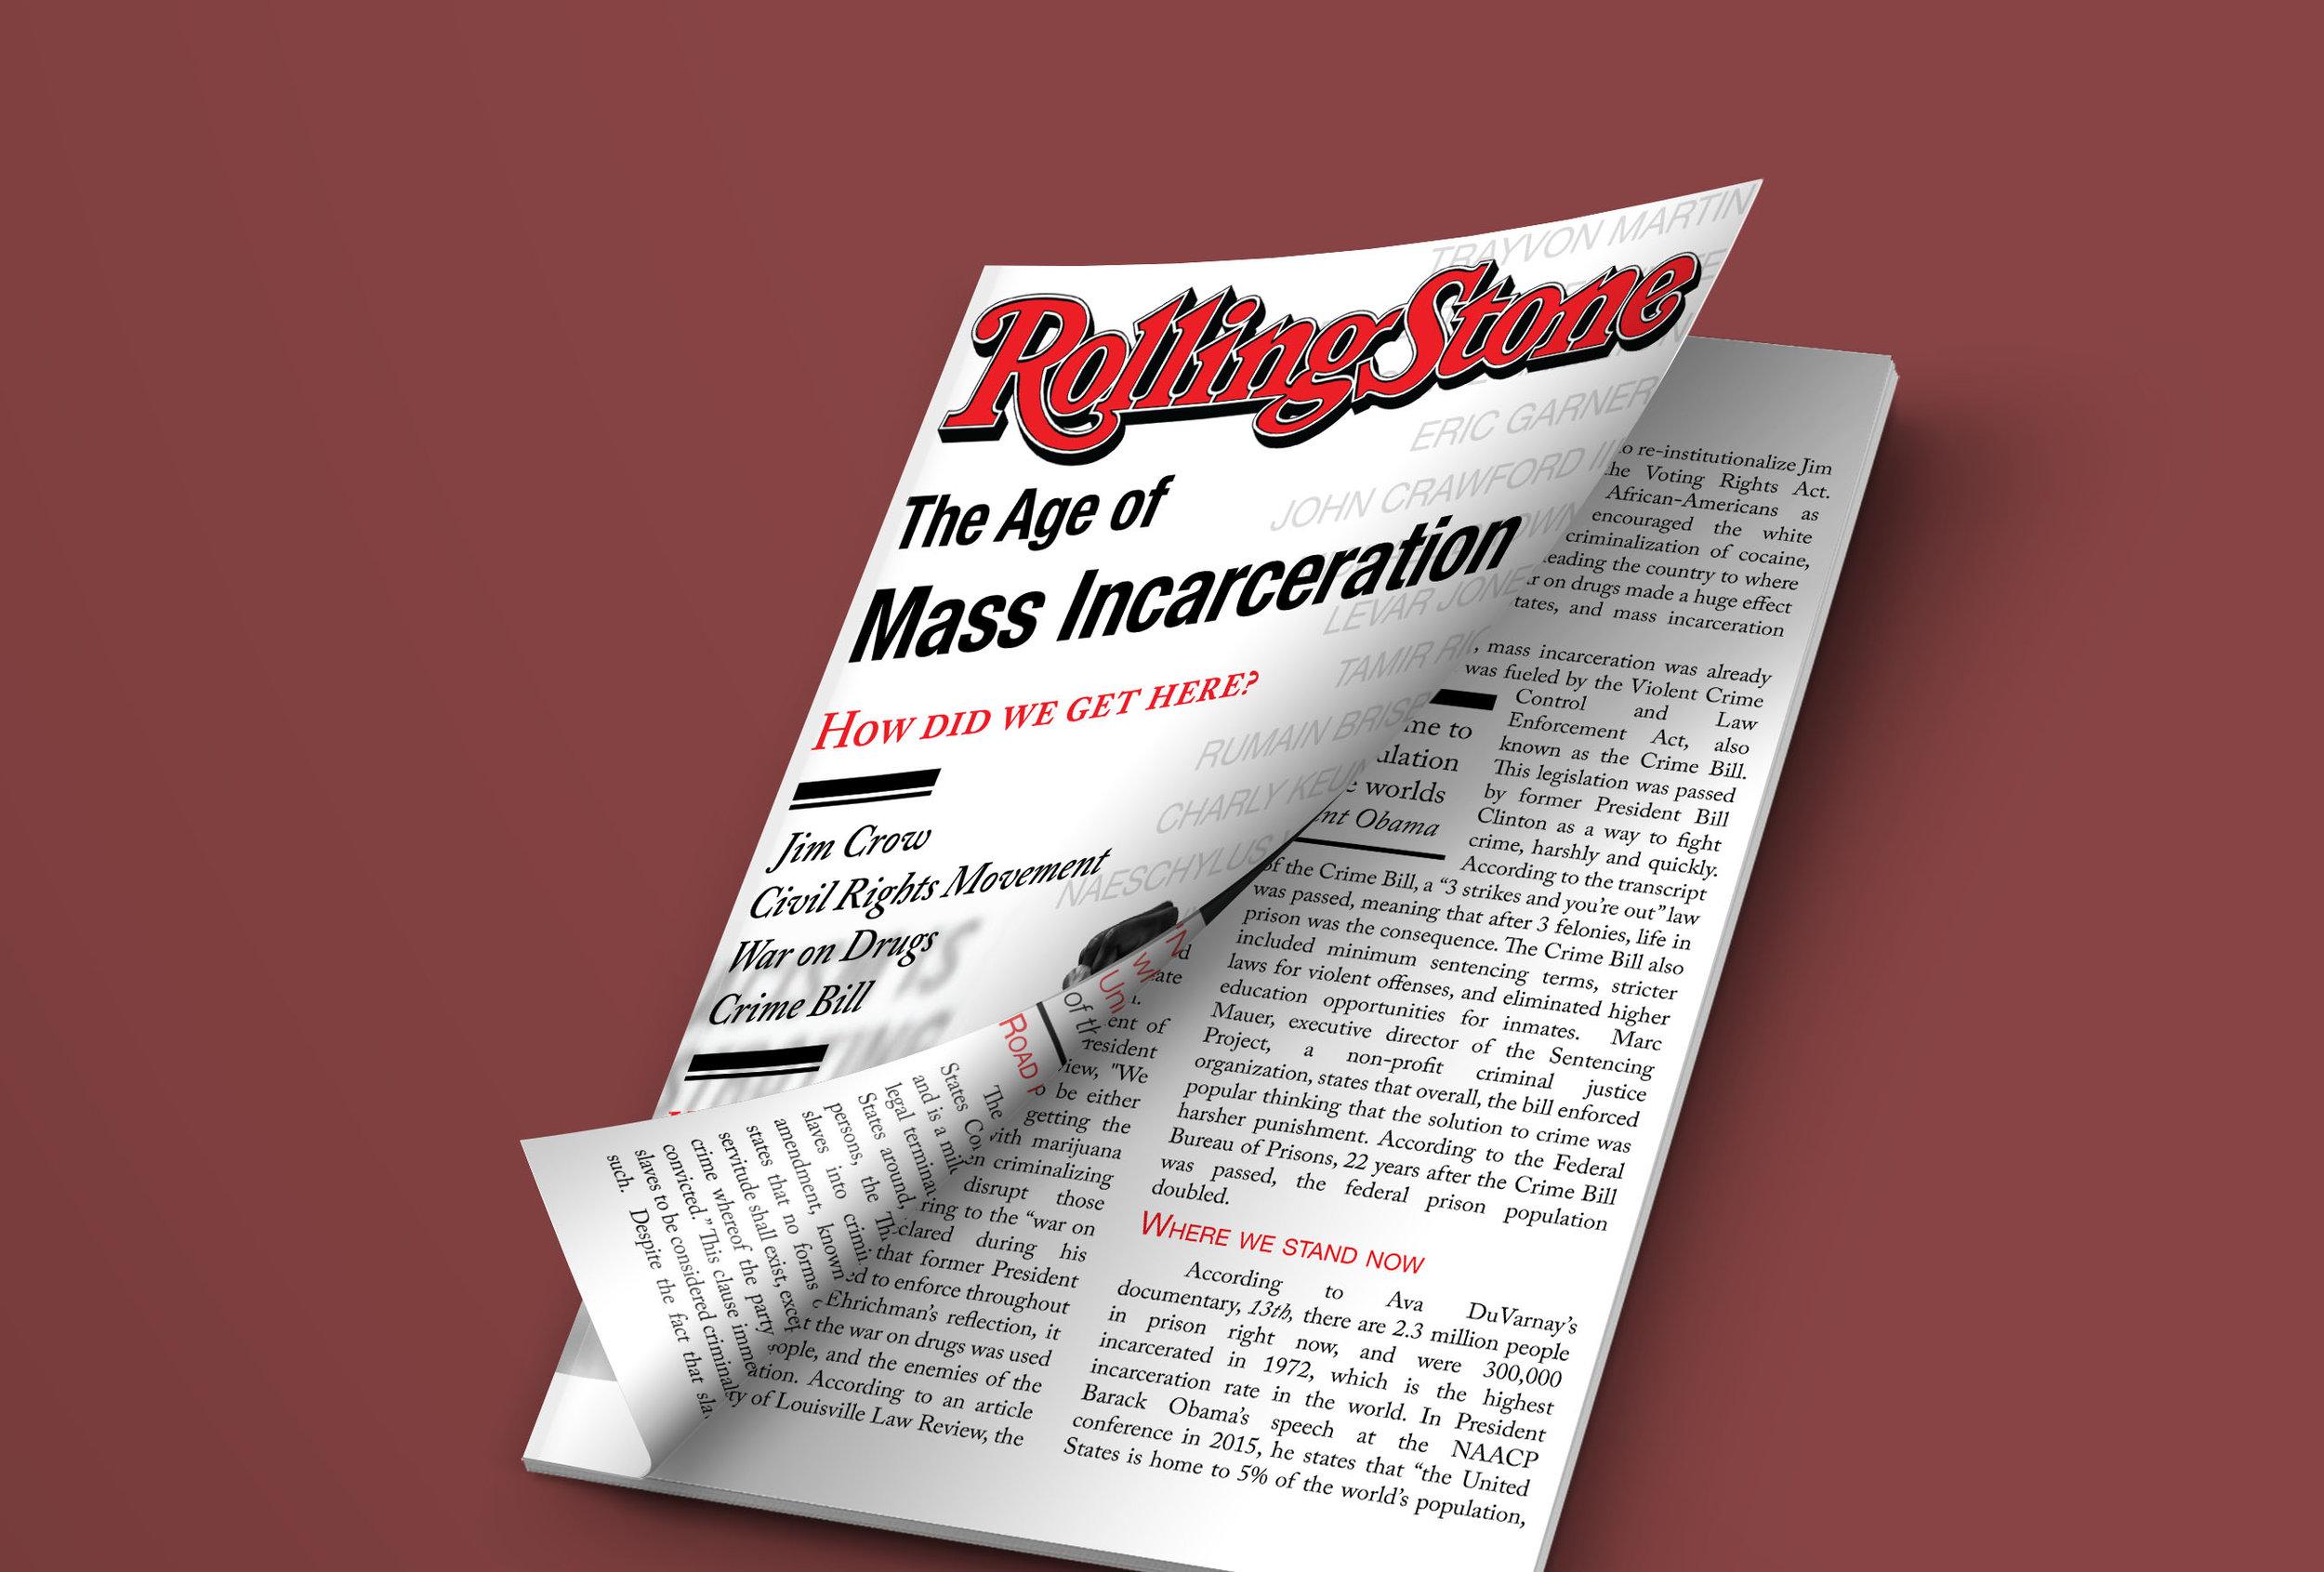 MassIncarcerationMock.jpg